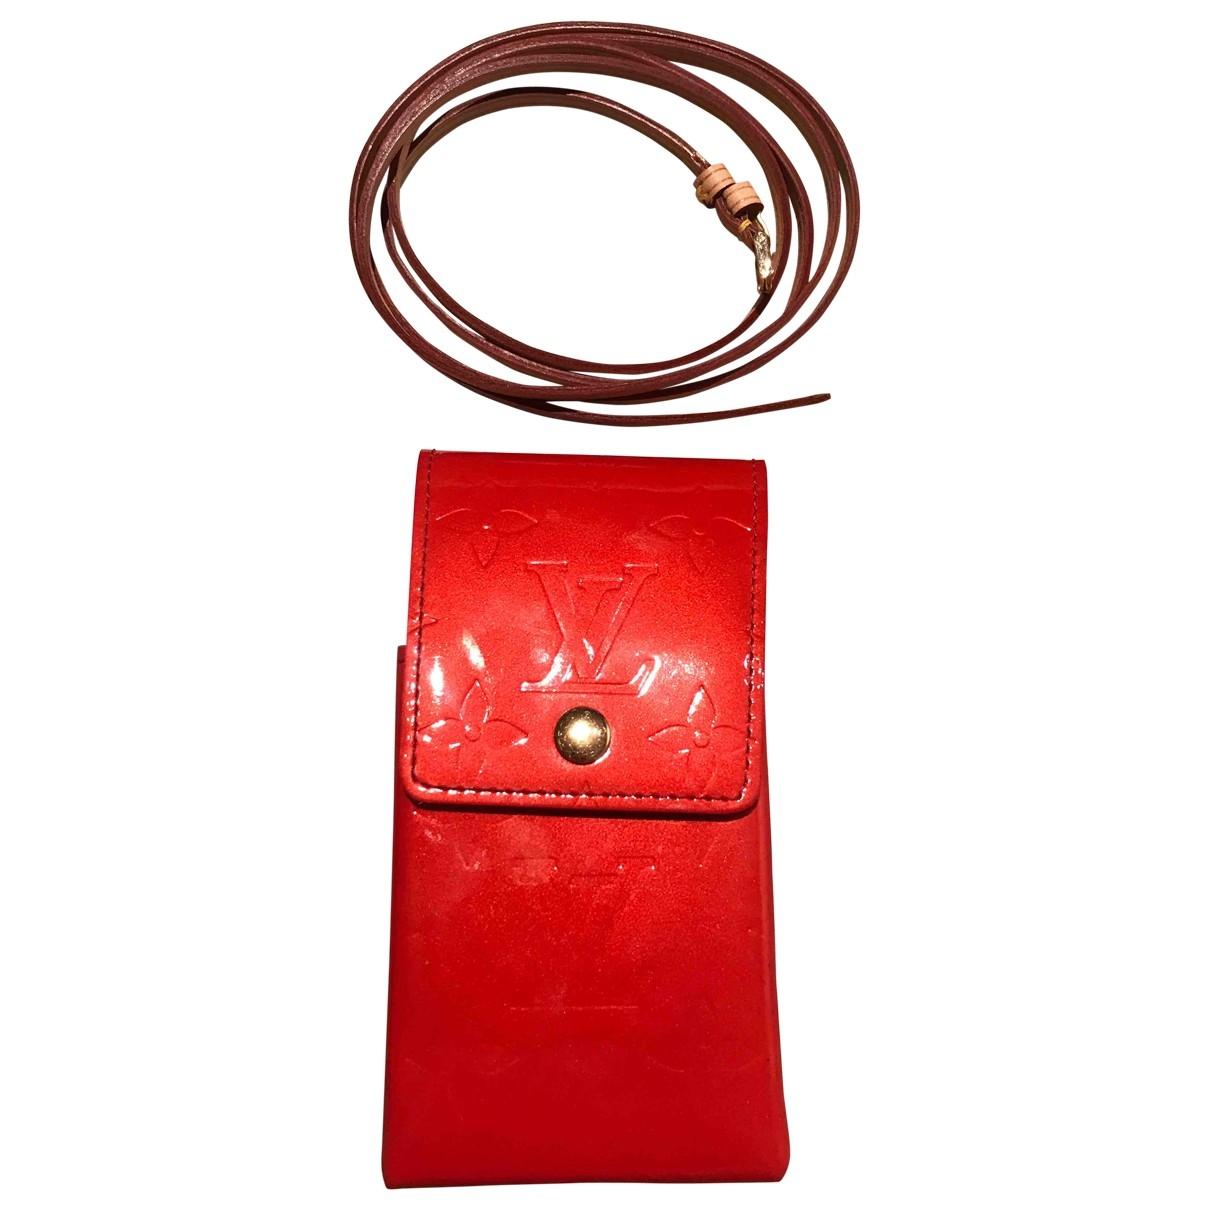 Louis Vuitton - Accessoires   pour lifestyle en cuir verni - orange